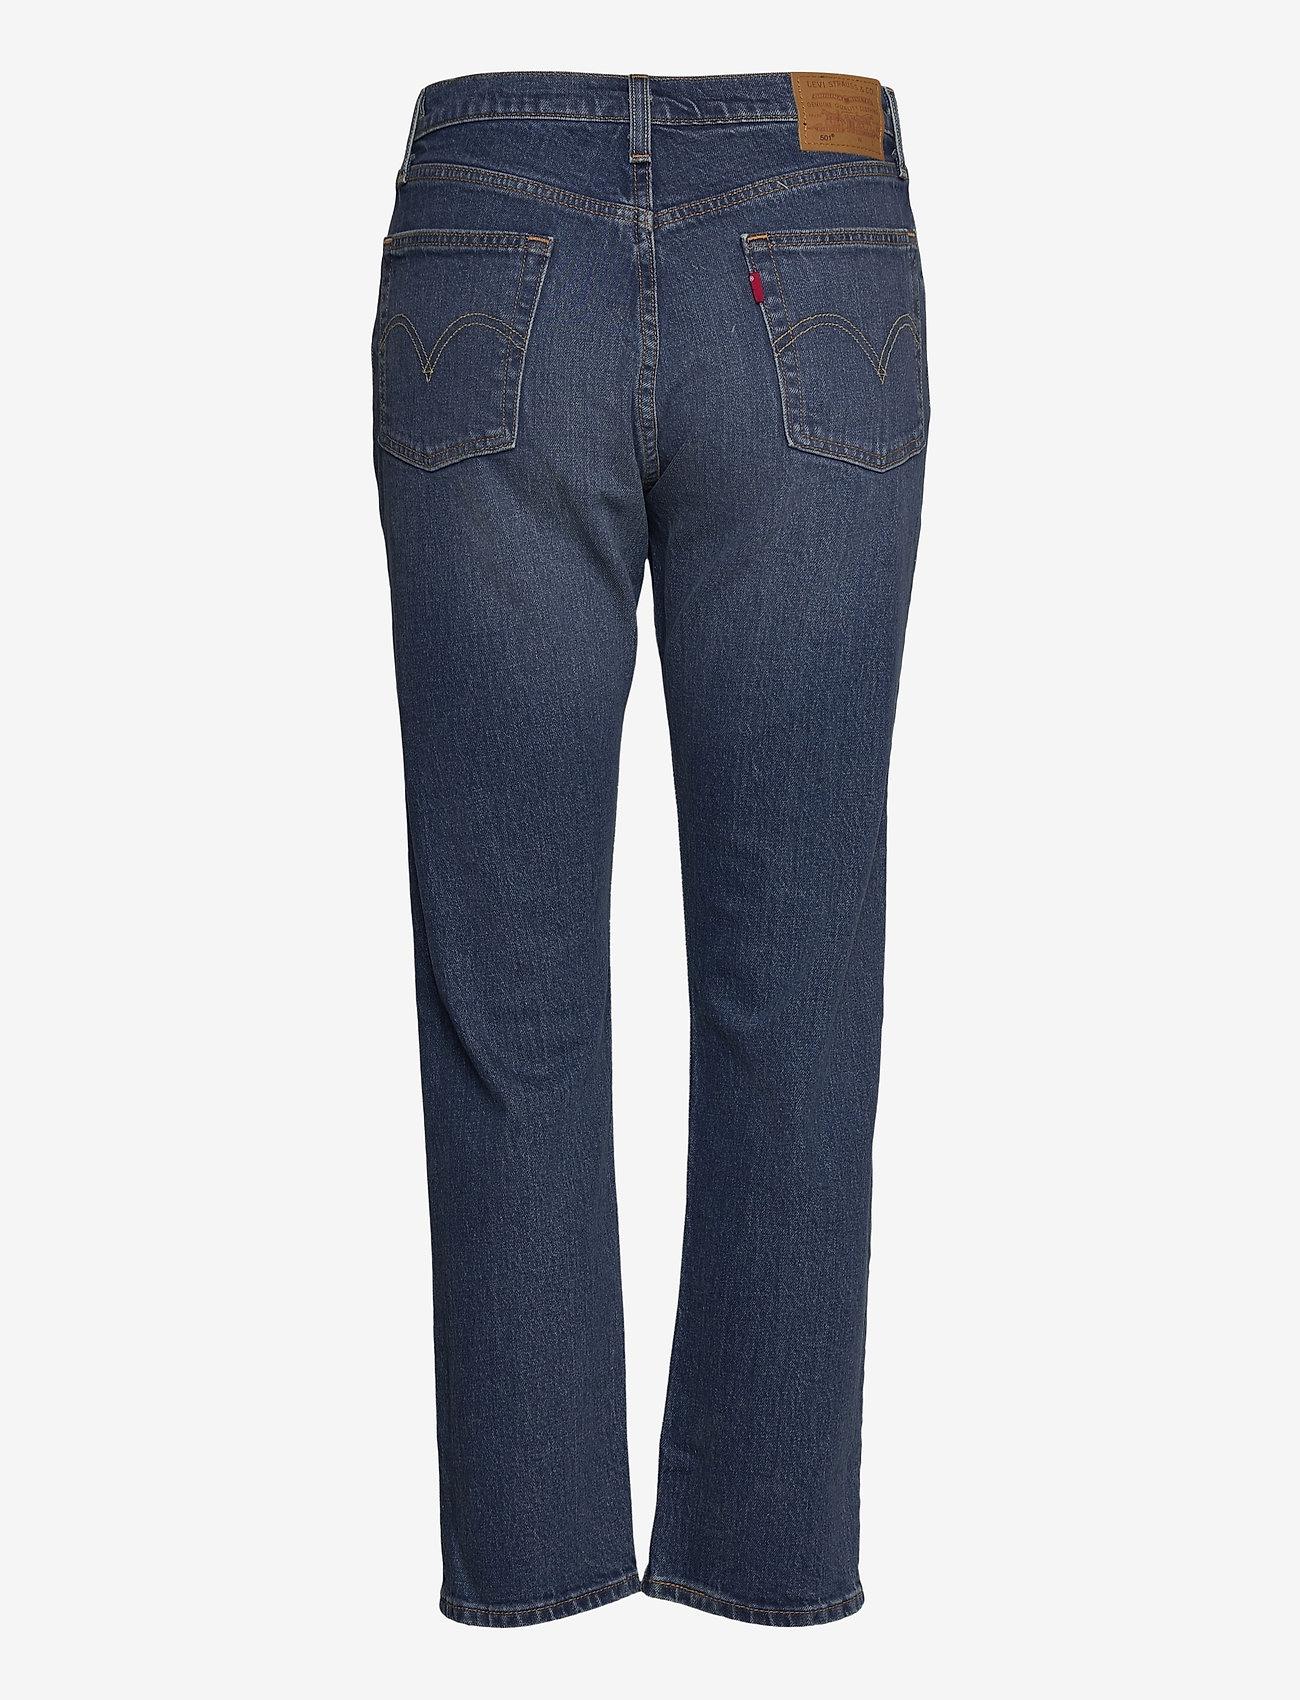 LEVI´S Women - 501 CROP CHARLESTON OUTLASTED - straight regular - dark indigo - worn in - 1